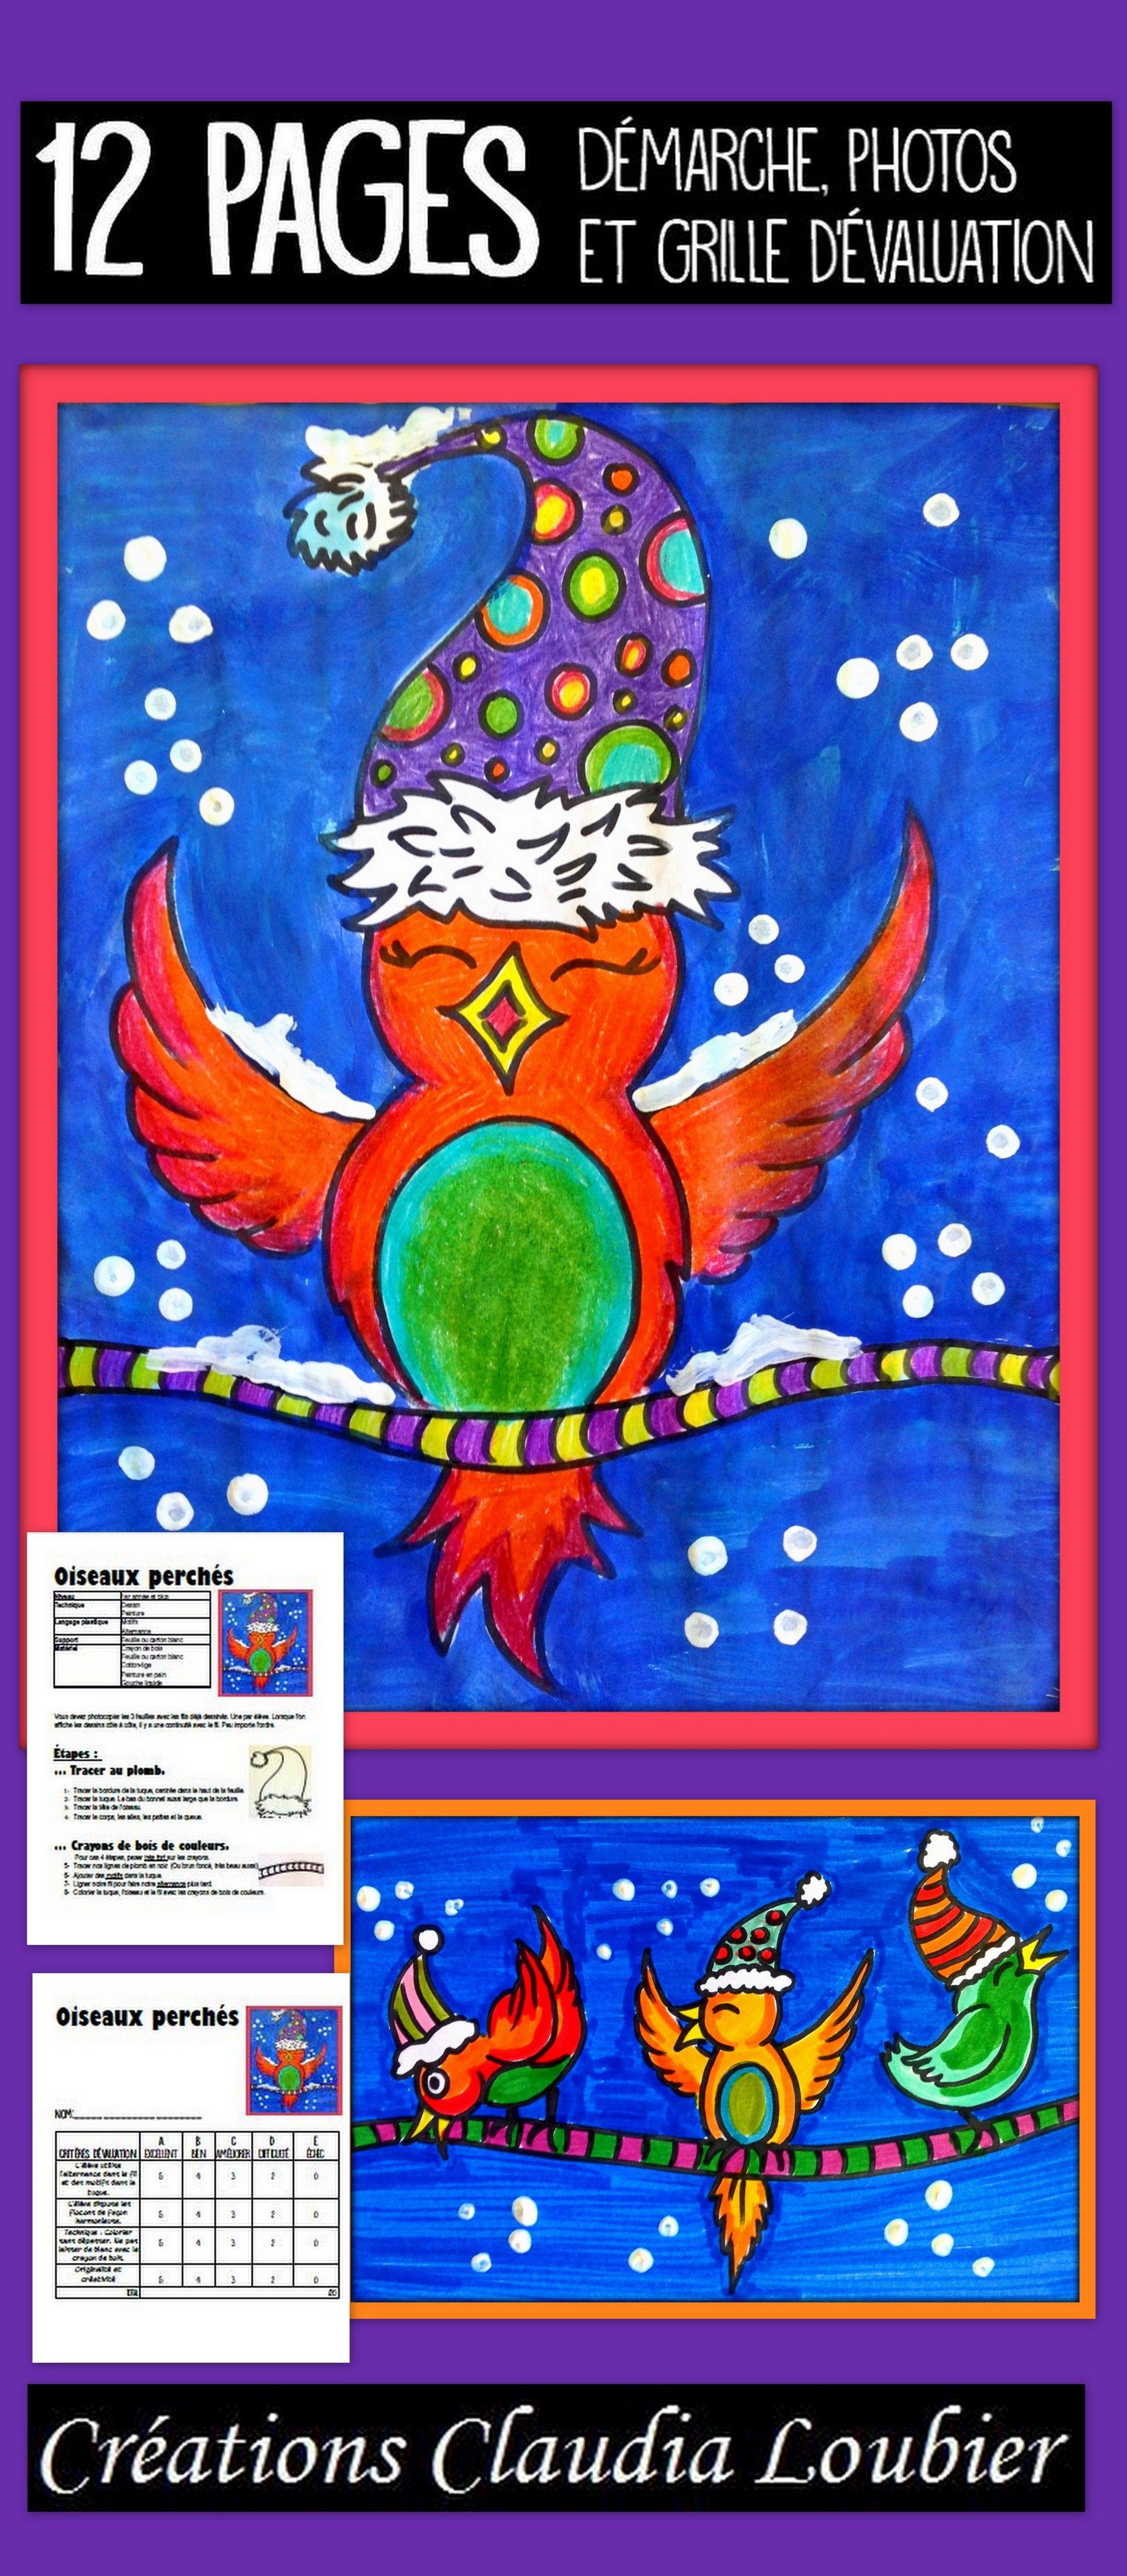 Oiseau perch arts plastiques hiver winter projets d 39 arts plastiques pinterest art - Dessiner un paysage d hiver ...